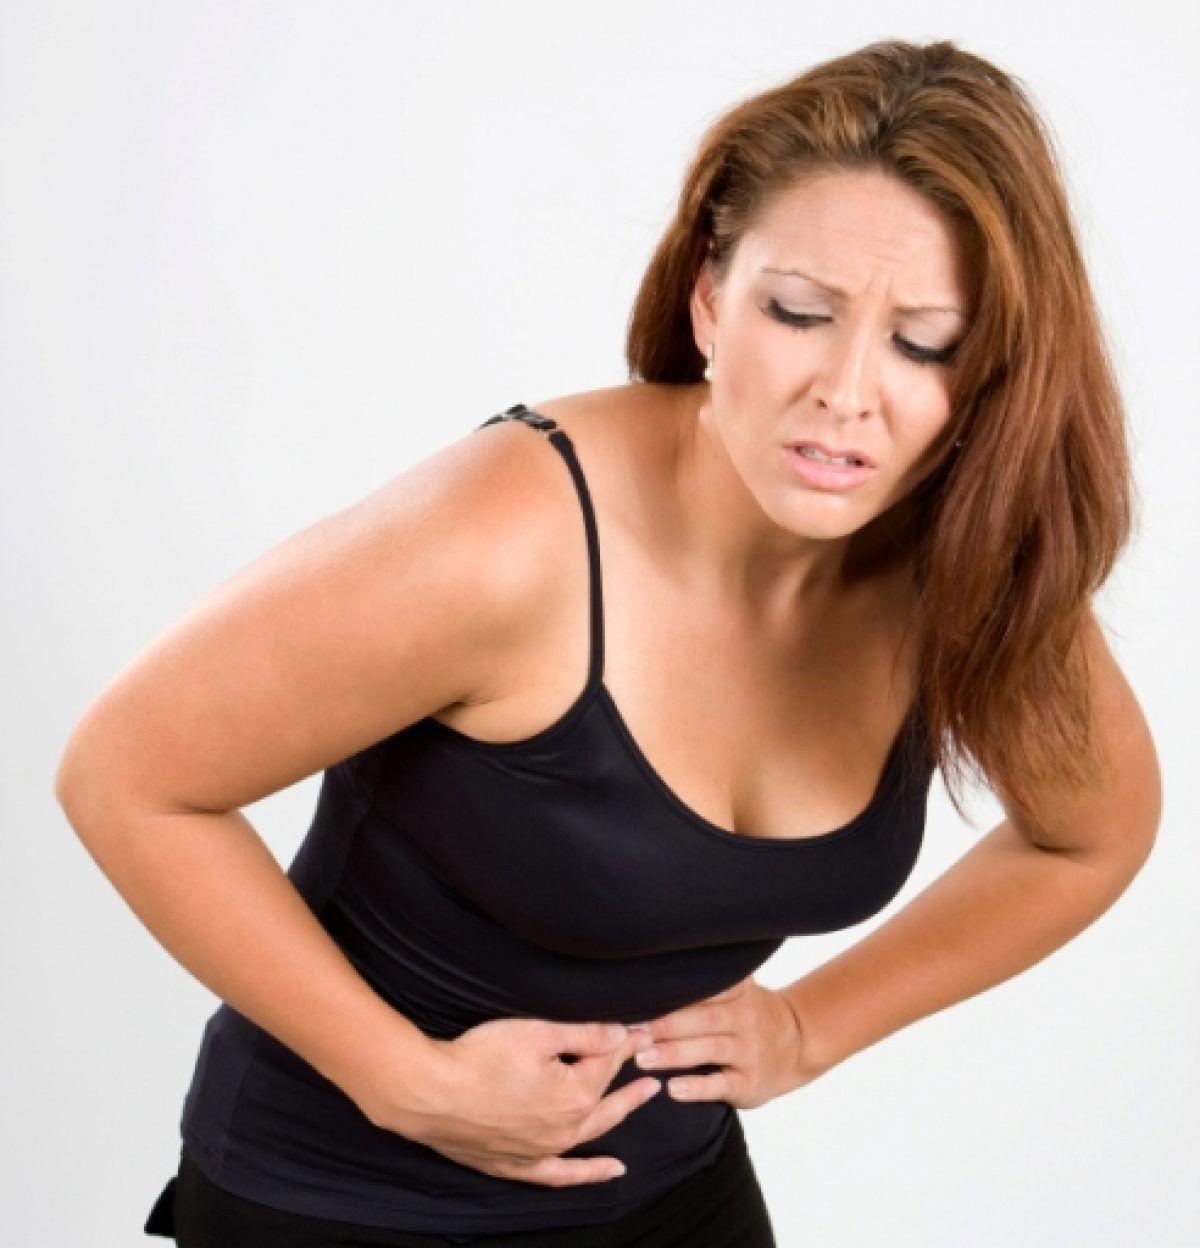 ai pierdere în greutate cu ms